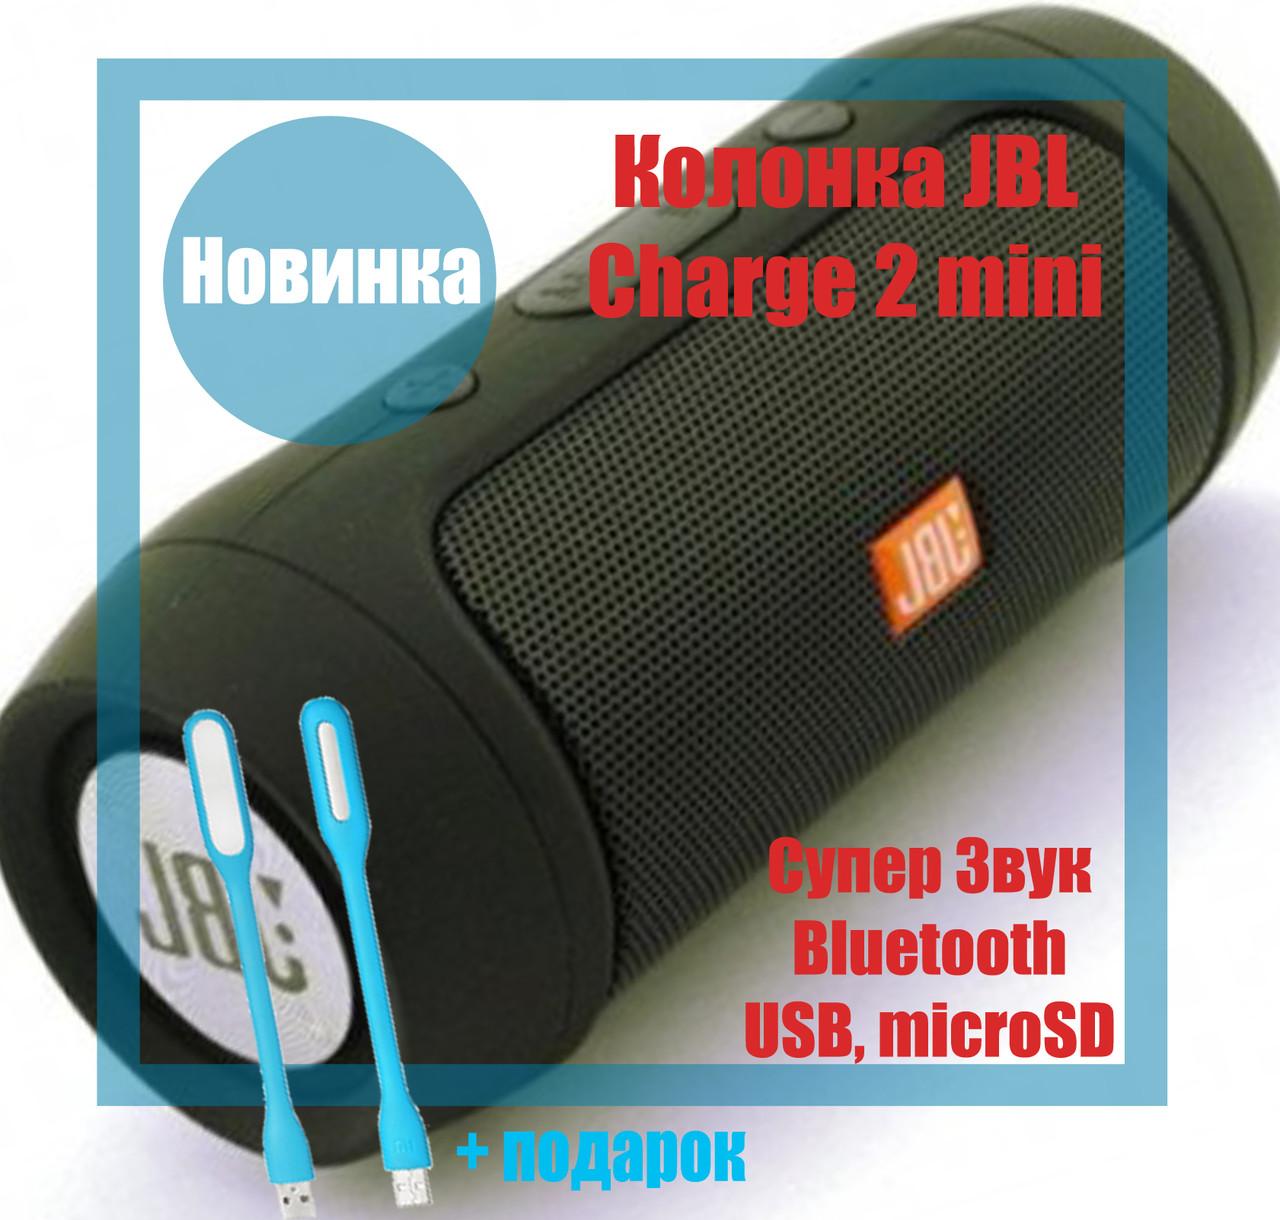 Колонка JBL Charge2 MINI Bluetooth , FM MP3 AUX USB microSD, влагозащита, Quality Replica